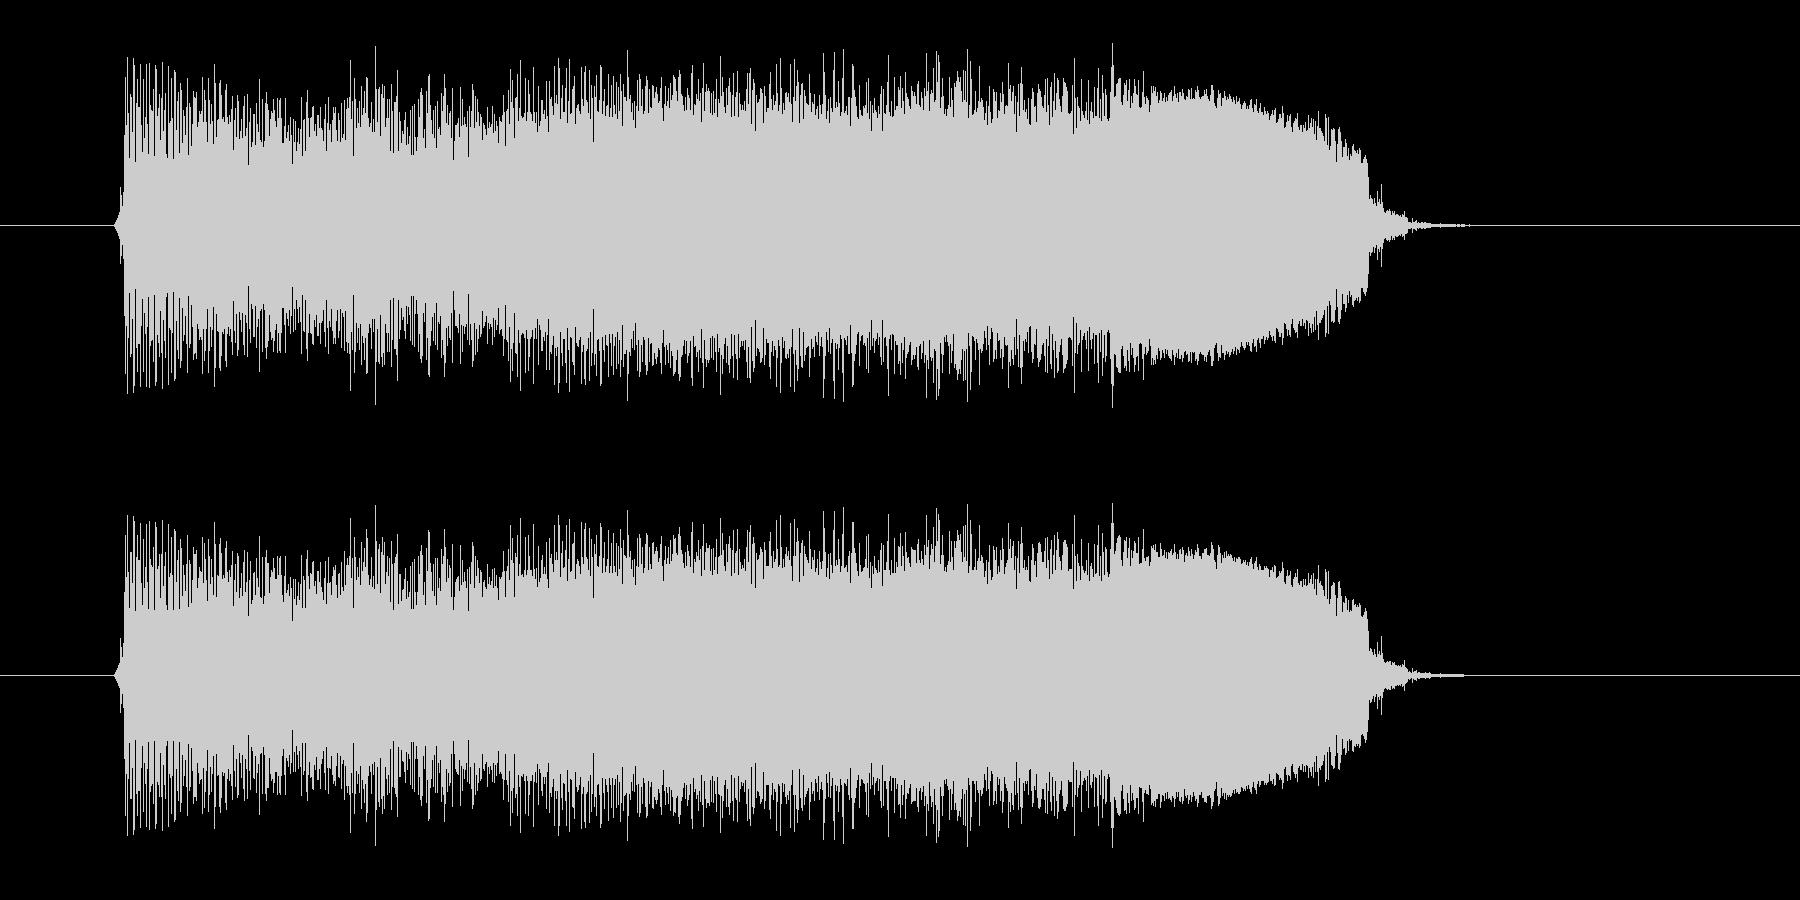 ジャーンジャーン(ギター、ベース)の未再生の波形